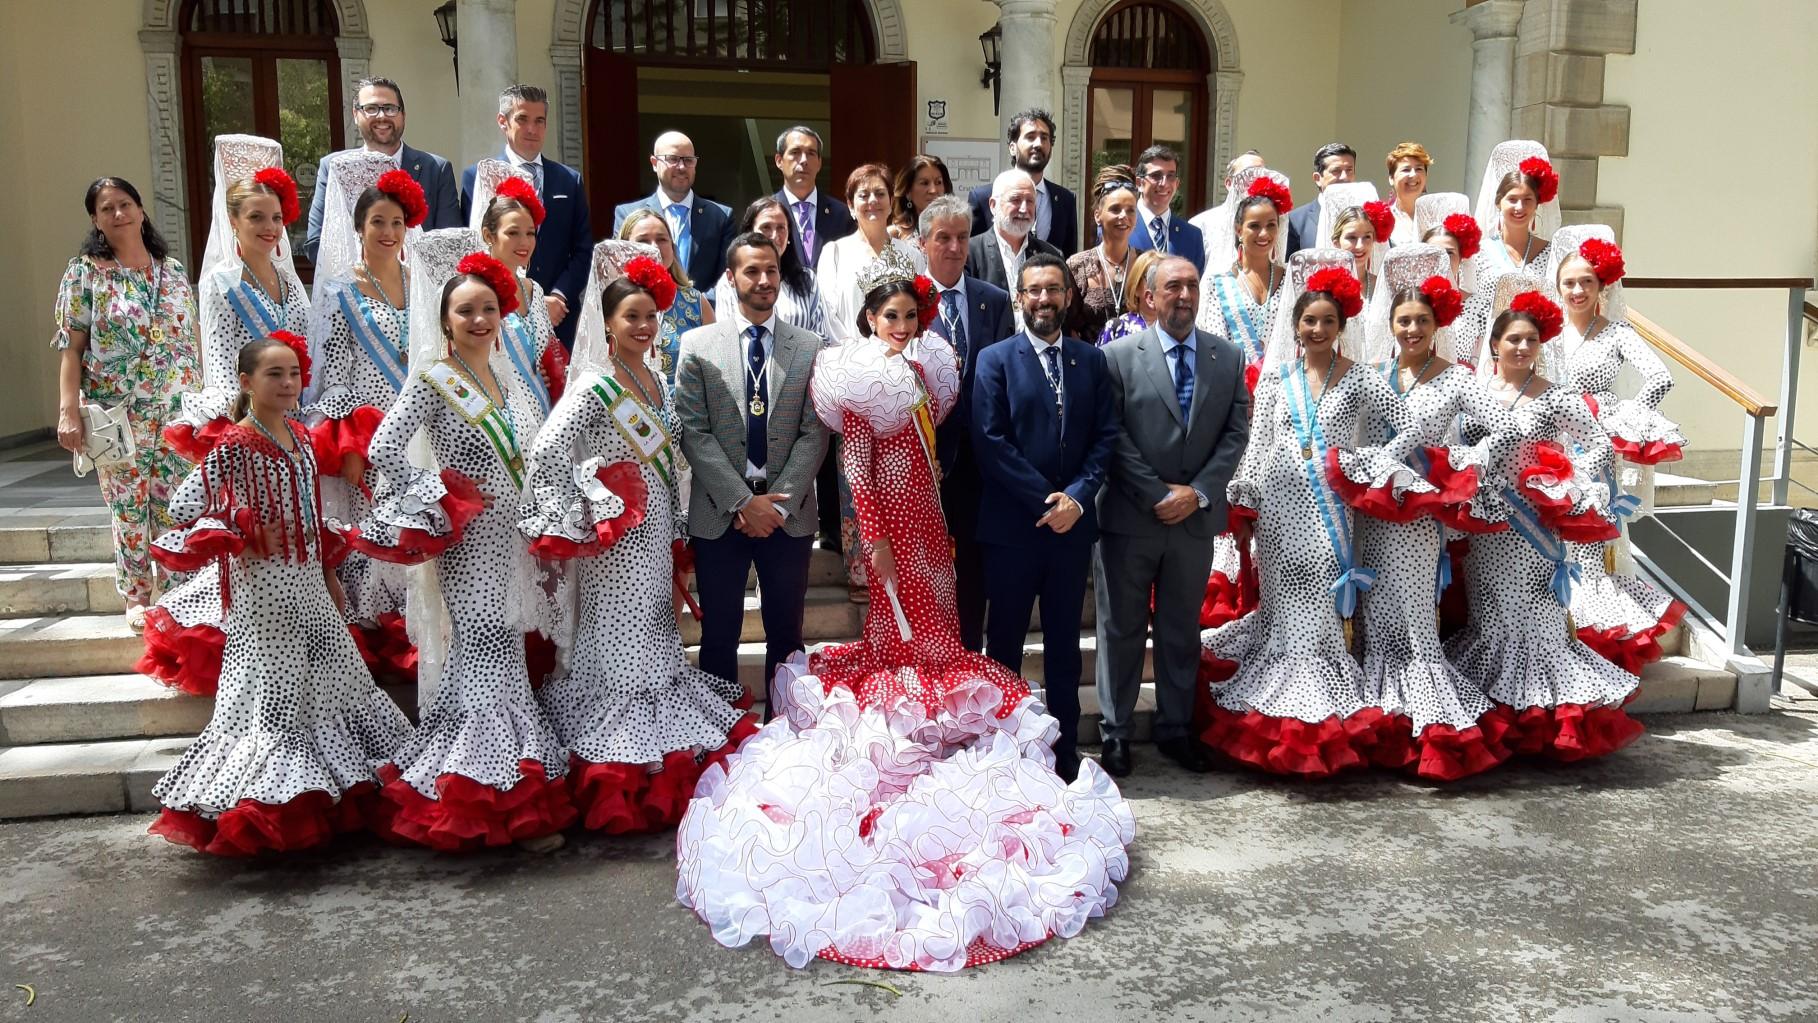 Excmo Ayuntamiento De La Línea De La Concepción La Línea De La Concepción Celebra Su Cxlix Aniversario Con Un Pleno Extraodinario Y La Izada Dela Bandera Linense